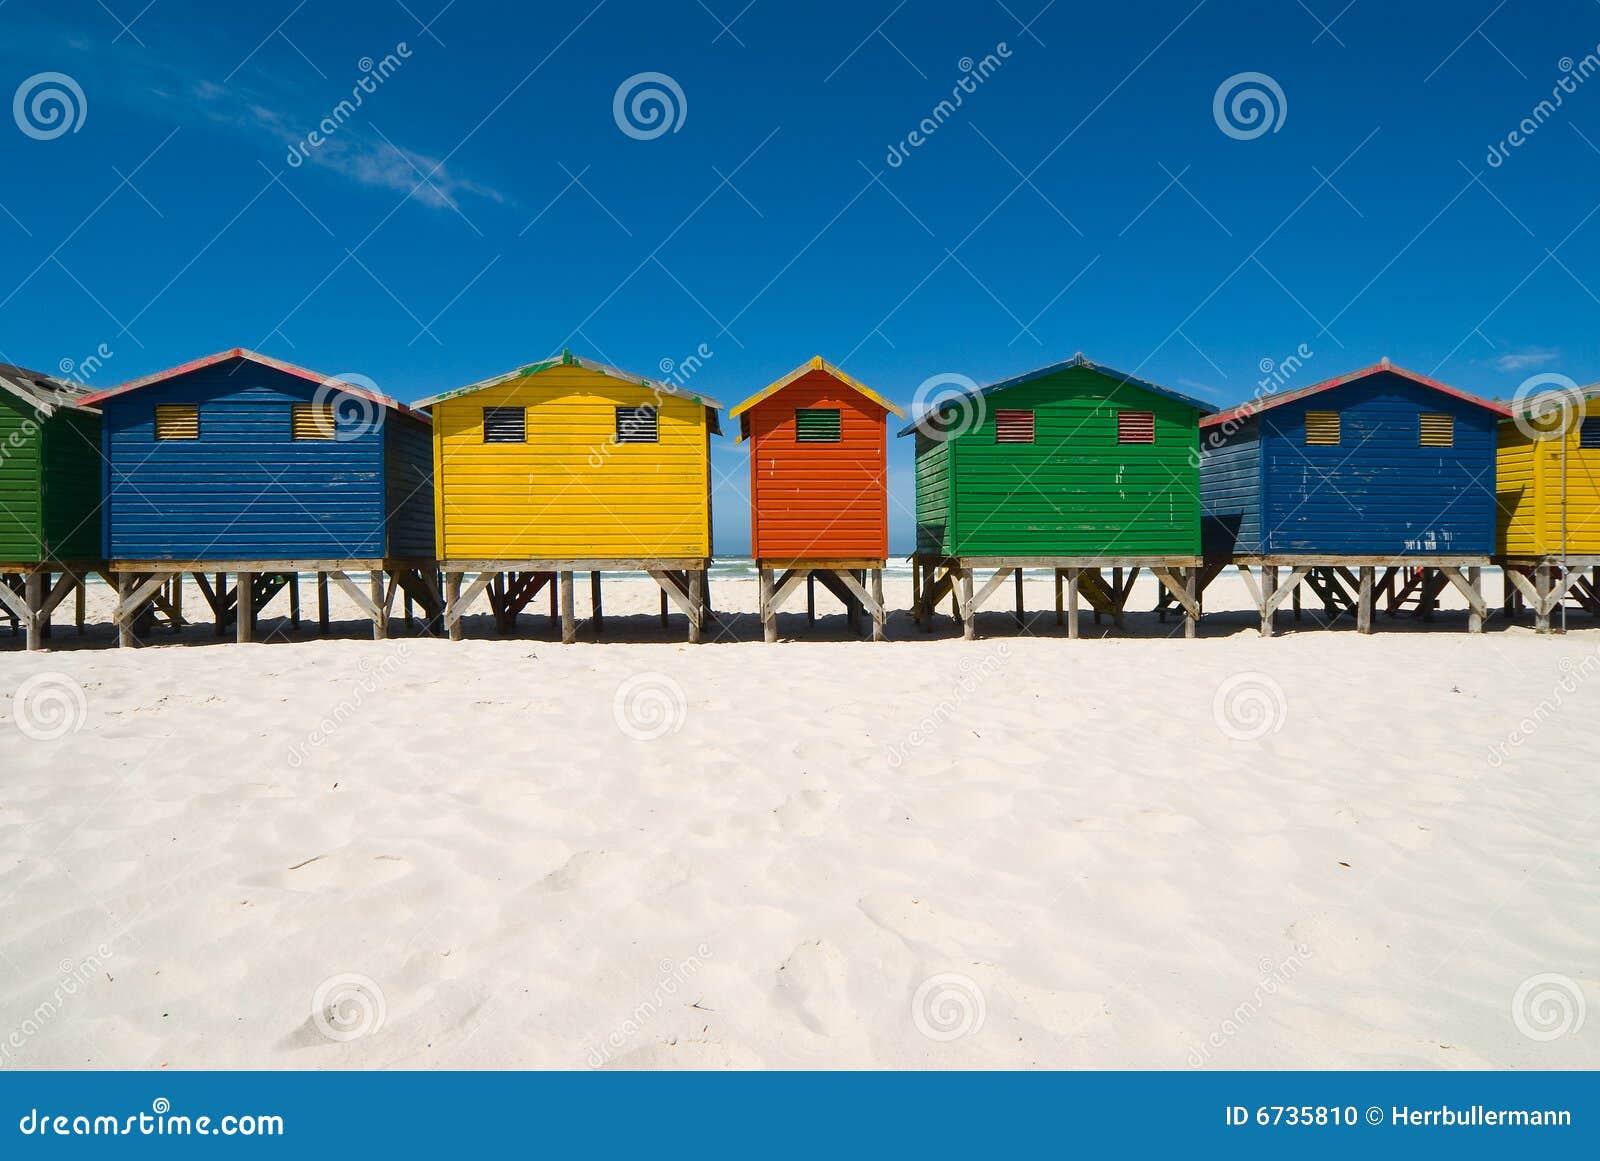 Capanne colorate della spiaggia fotografia stock for Planimetrie della cabina della spiaggia